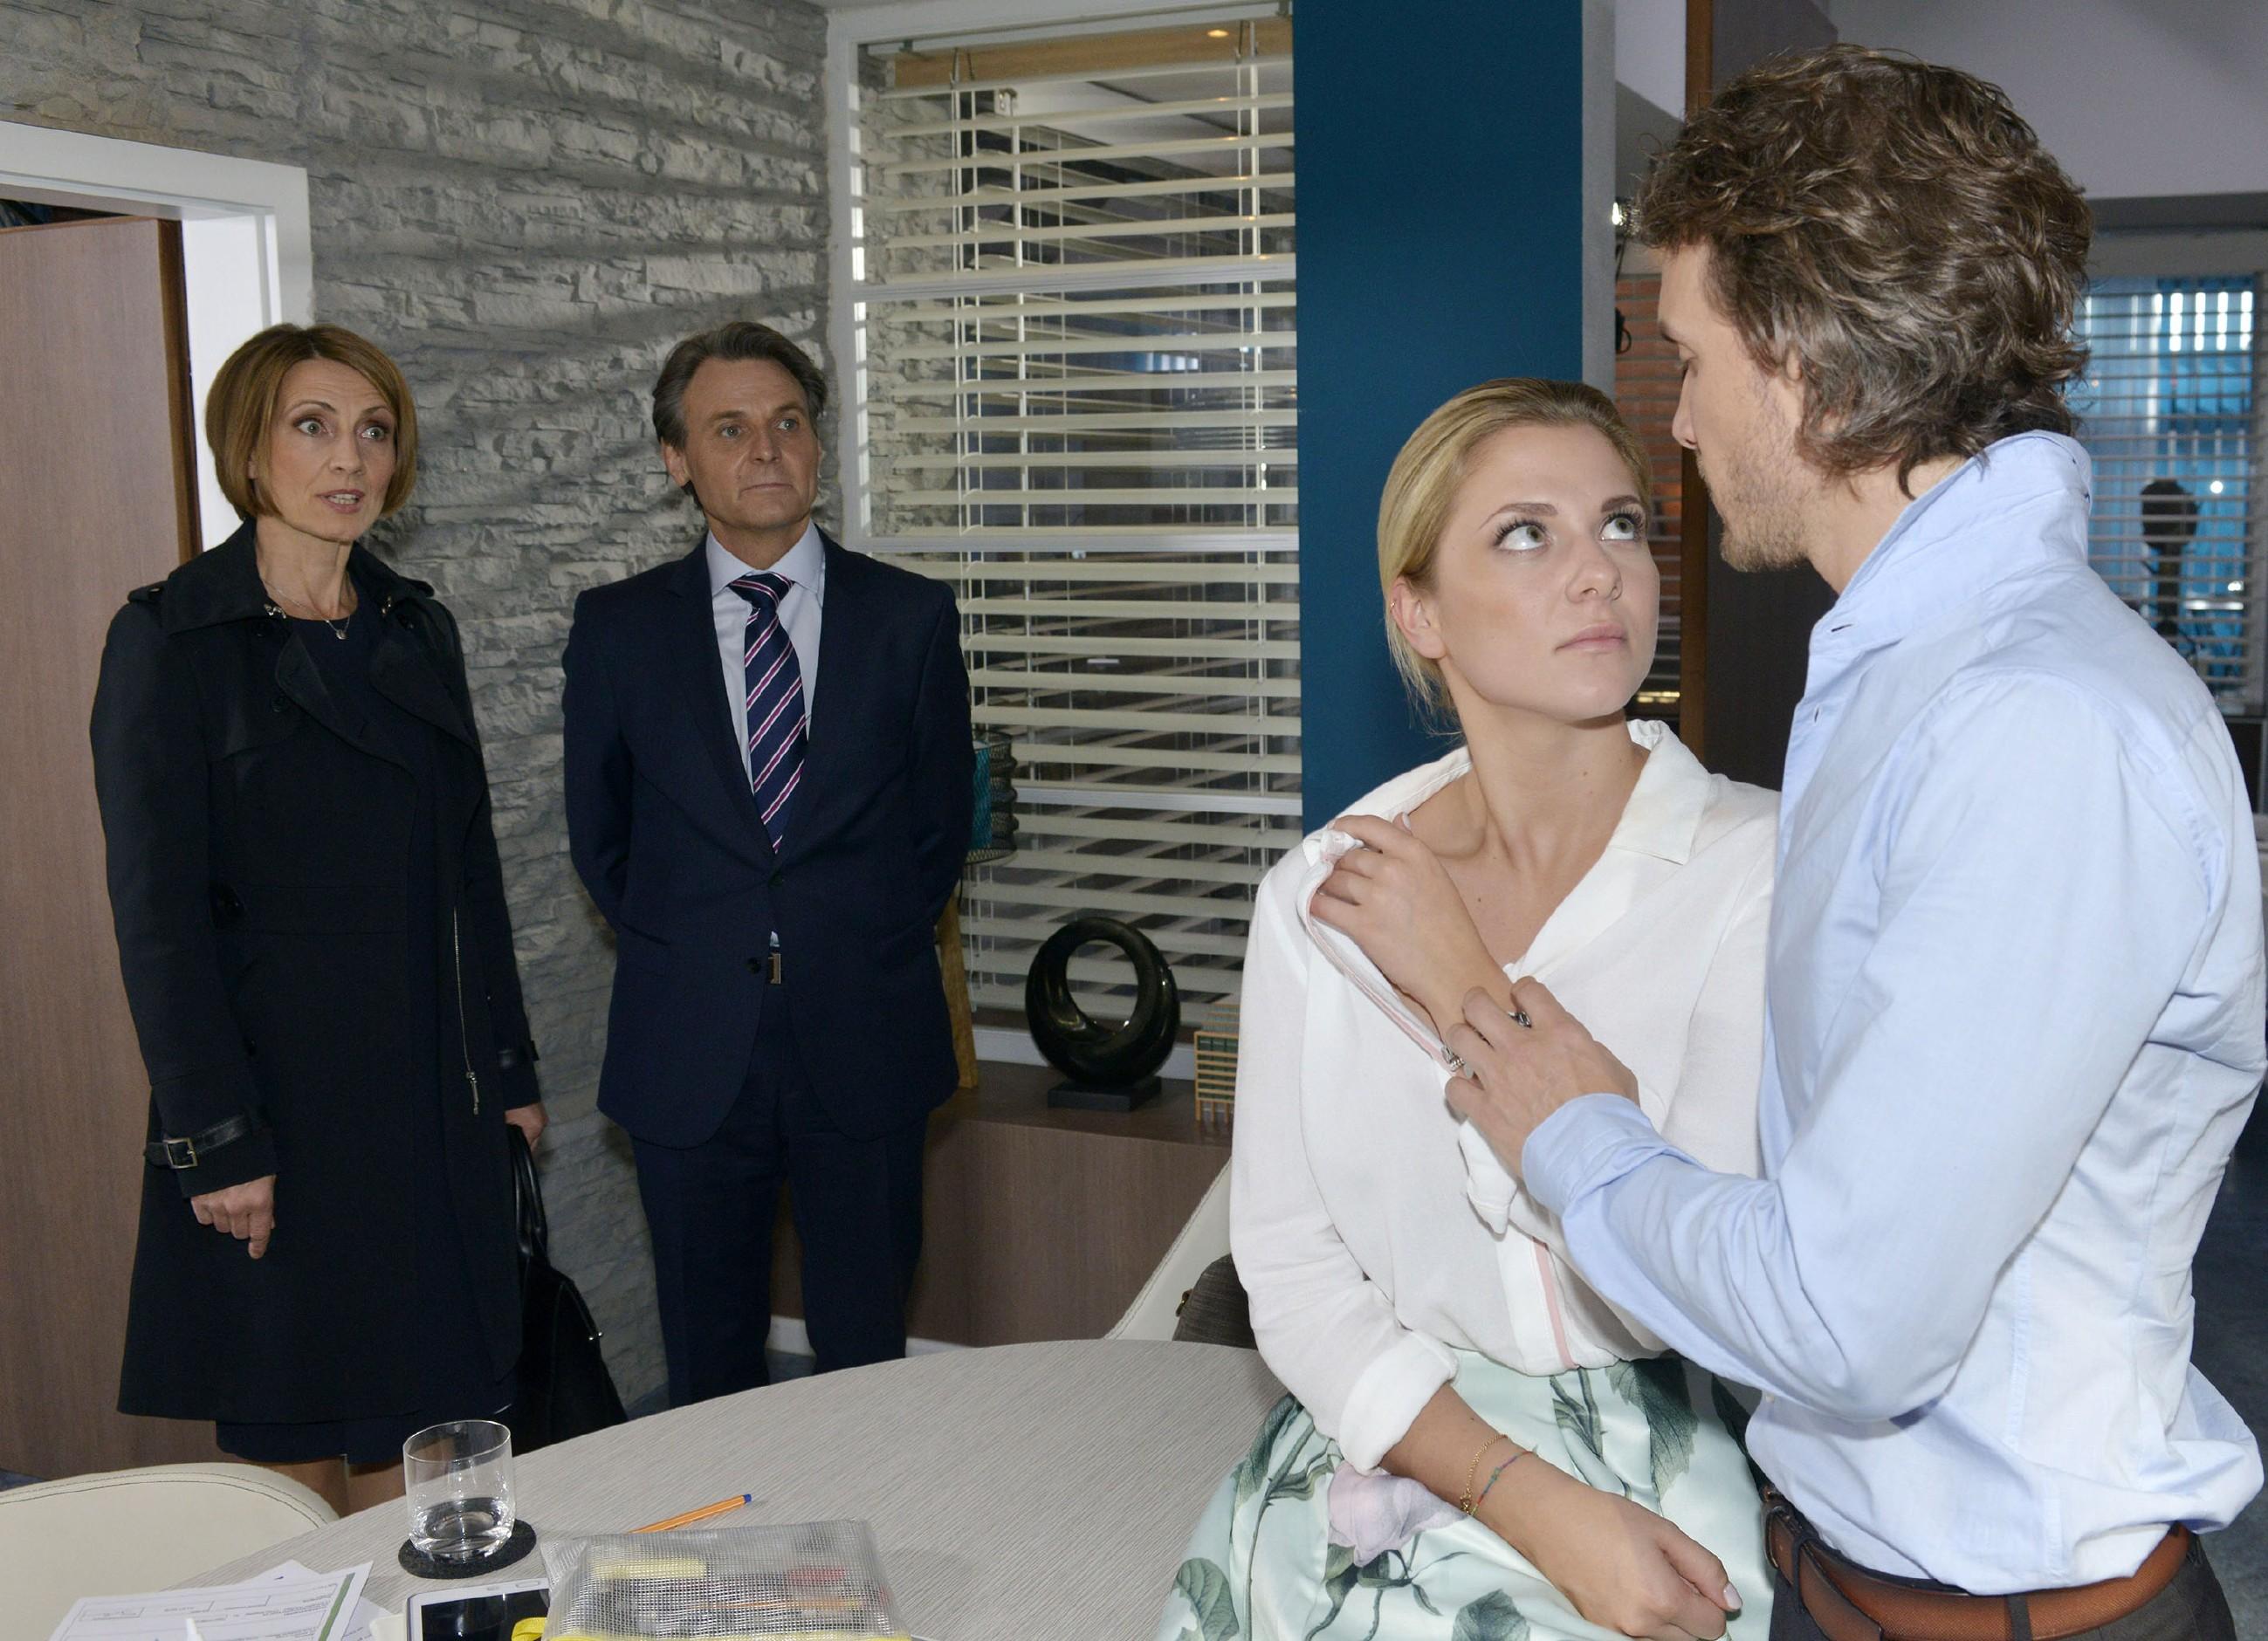 Sunny (Valentina Pahde, 2.v.r.) und Felix (Thaddäus Meilinger, r.) werden von Rosa (Joana Schümer) und Gerner (Wolfgang Bahro) in einem innigen Moment überrascht.